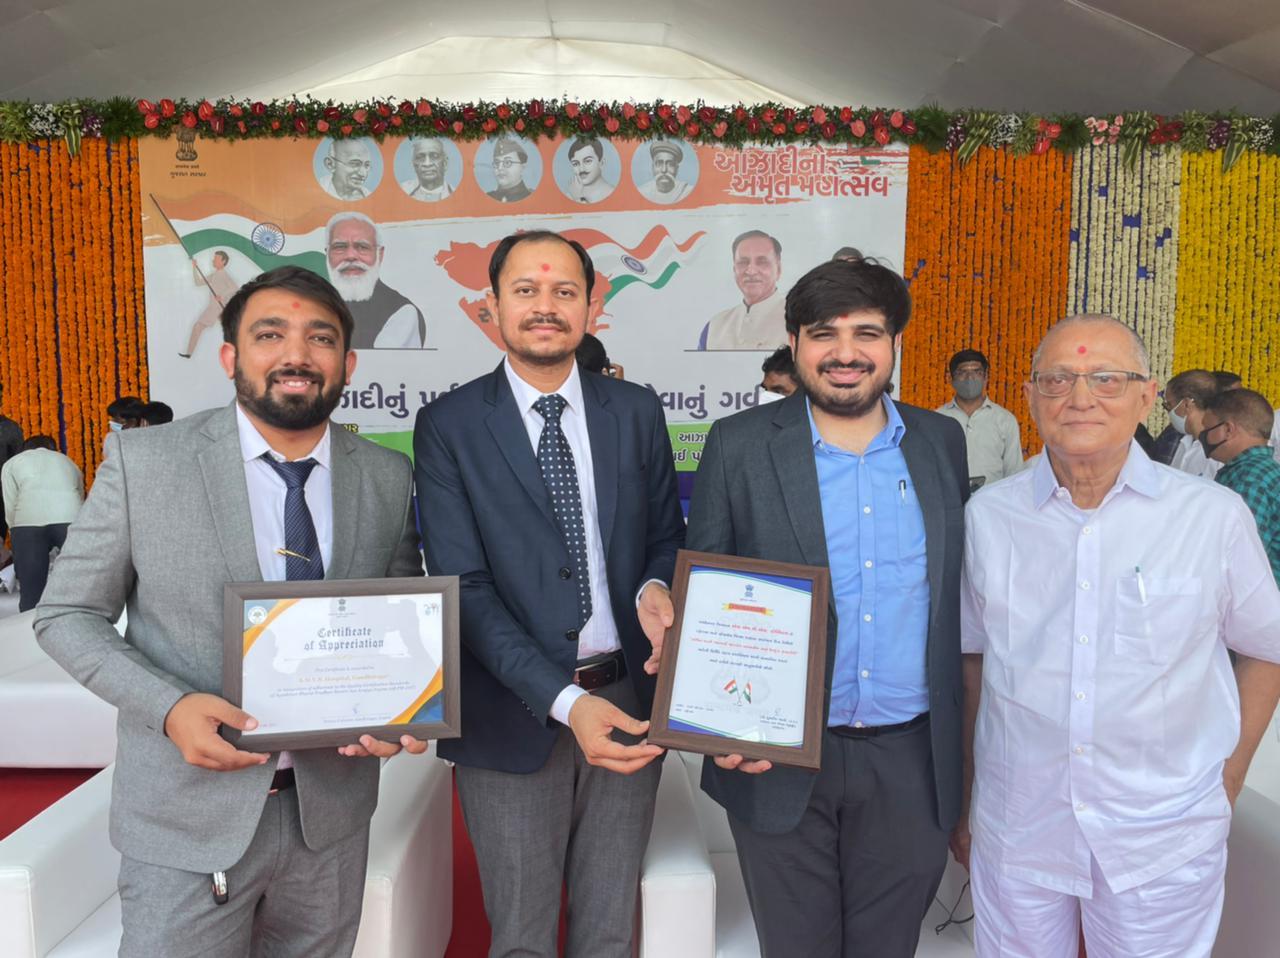 કોરોનાકાળમાં ઉત્કૃષ્ટ કામગીરી અને ઉચ્ચ ગુણવત્તાયુક્ત સેવા આપવા બદલ SMVS હોસ્પિટલનું સન્માન|અમદાવાદ,Ahmedabad - Divya Bhaskar